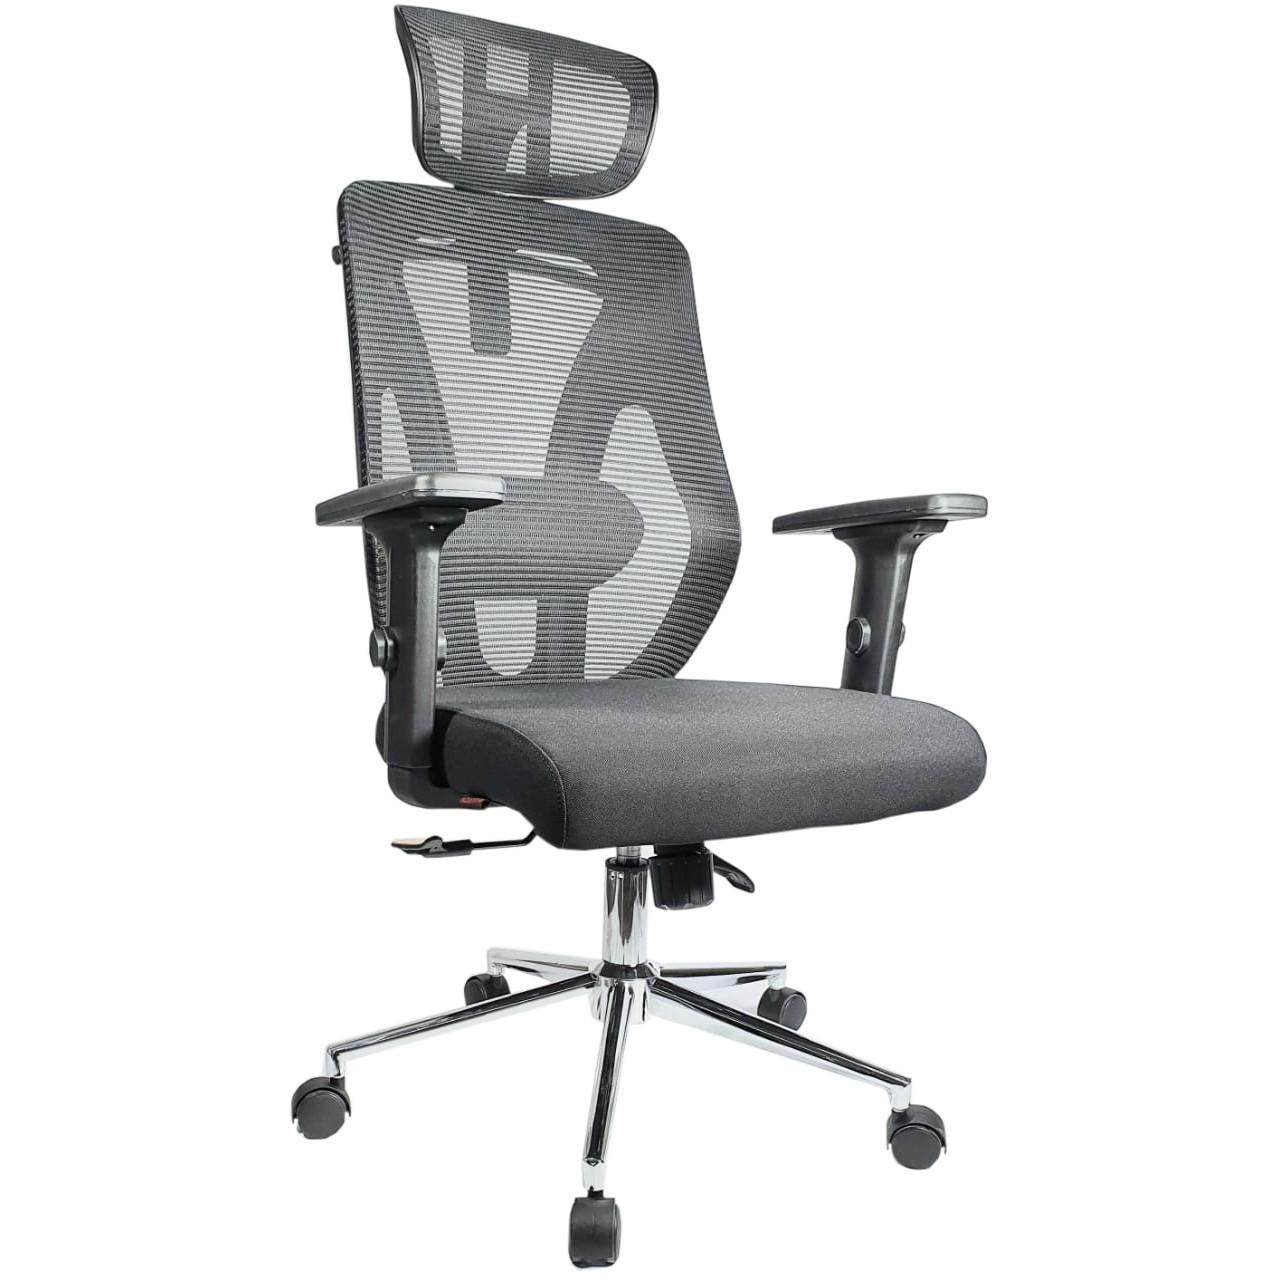 Cadeira Presidente Tela MK-4010 - MAKKON - COR PRETO COD 492